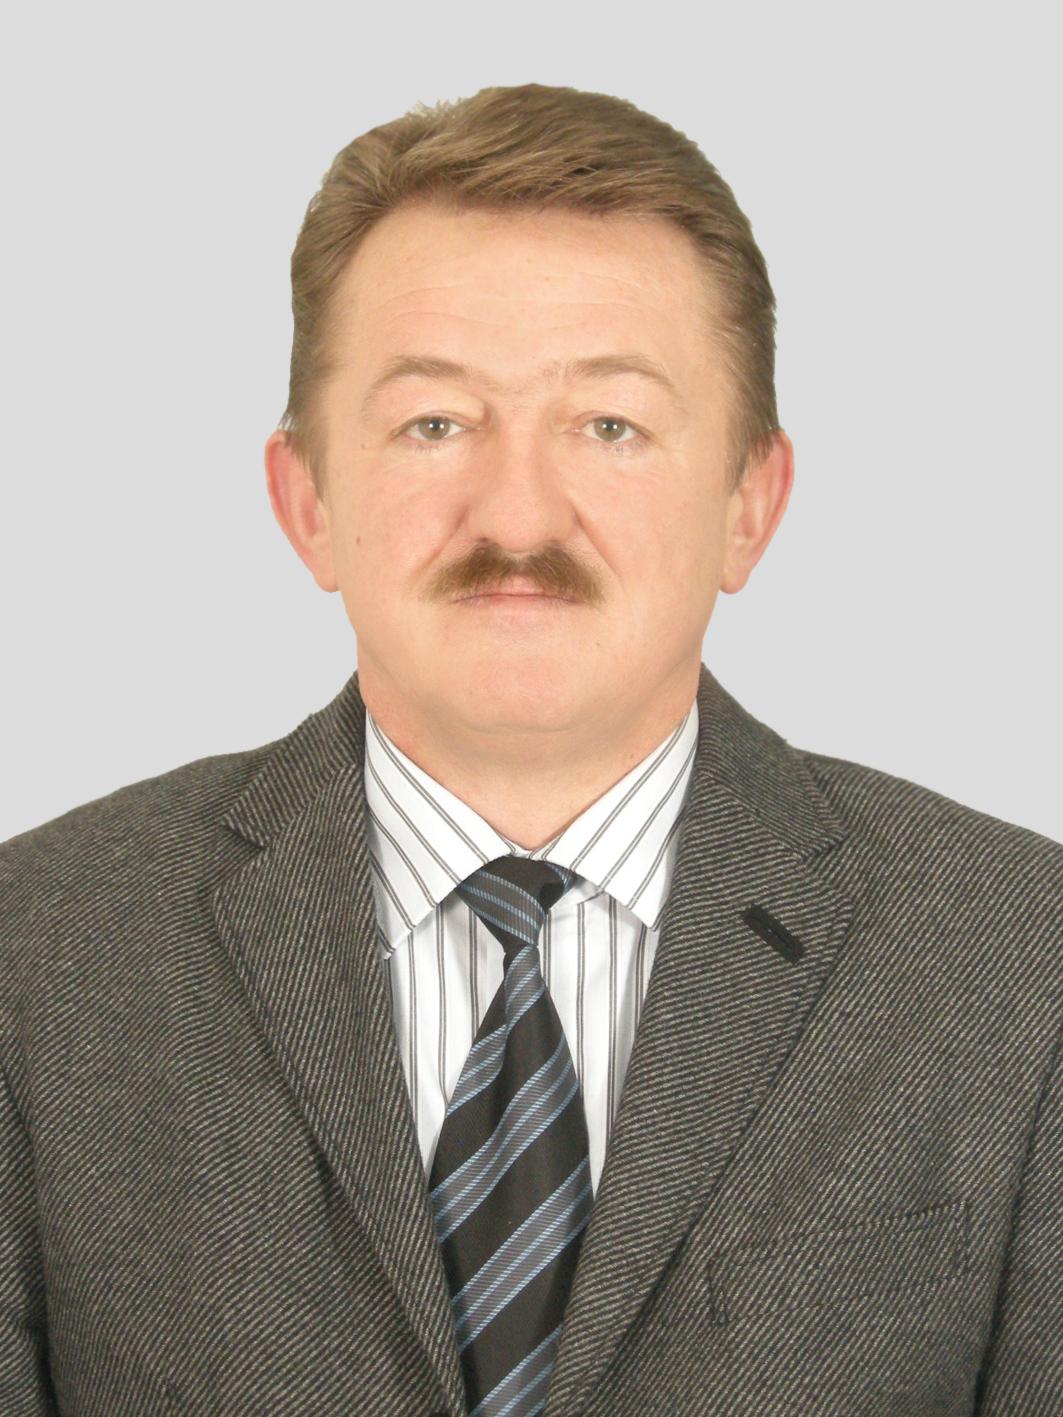 tomahiv